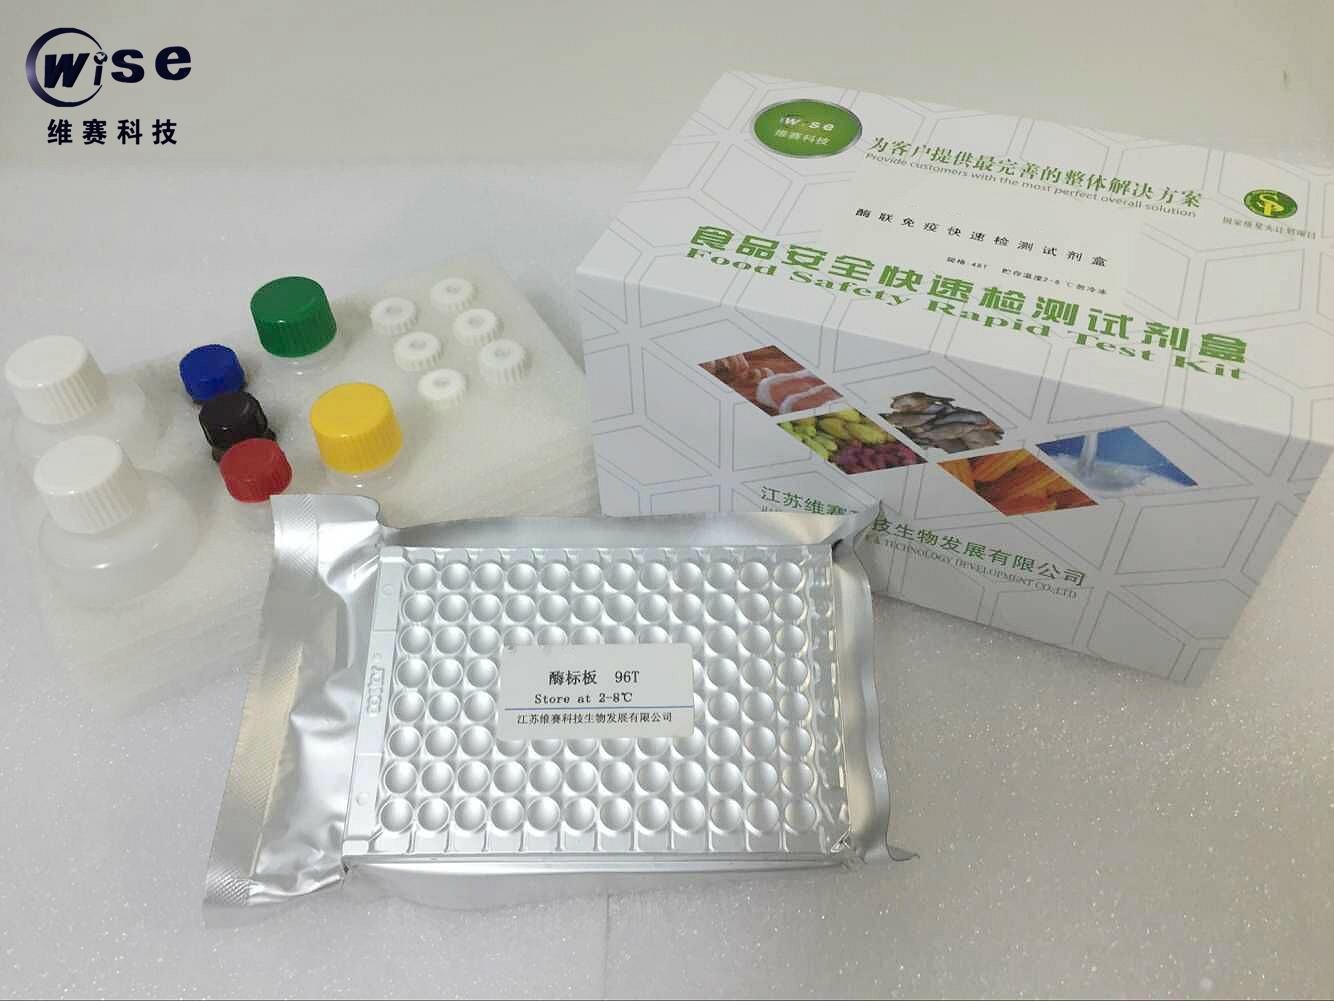 地塞米松(DXM)酶联免疫欧宝体育试剂盒(测饲料、奶)